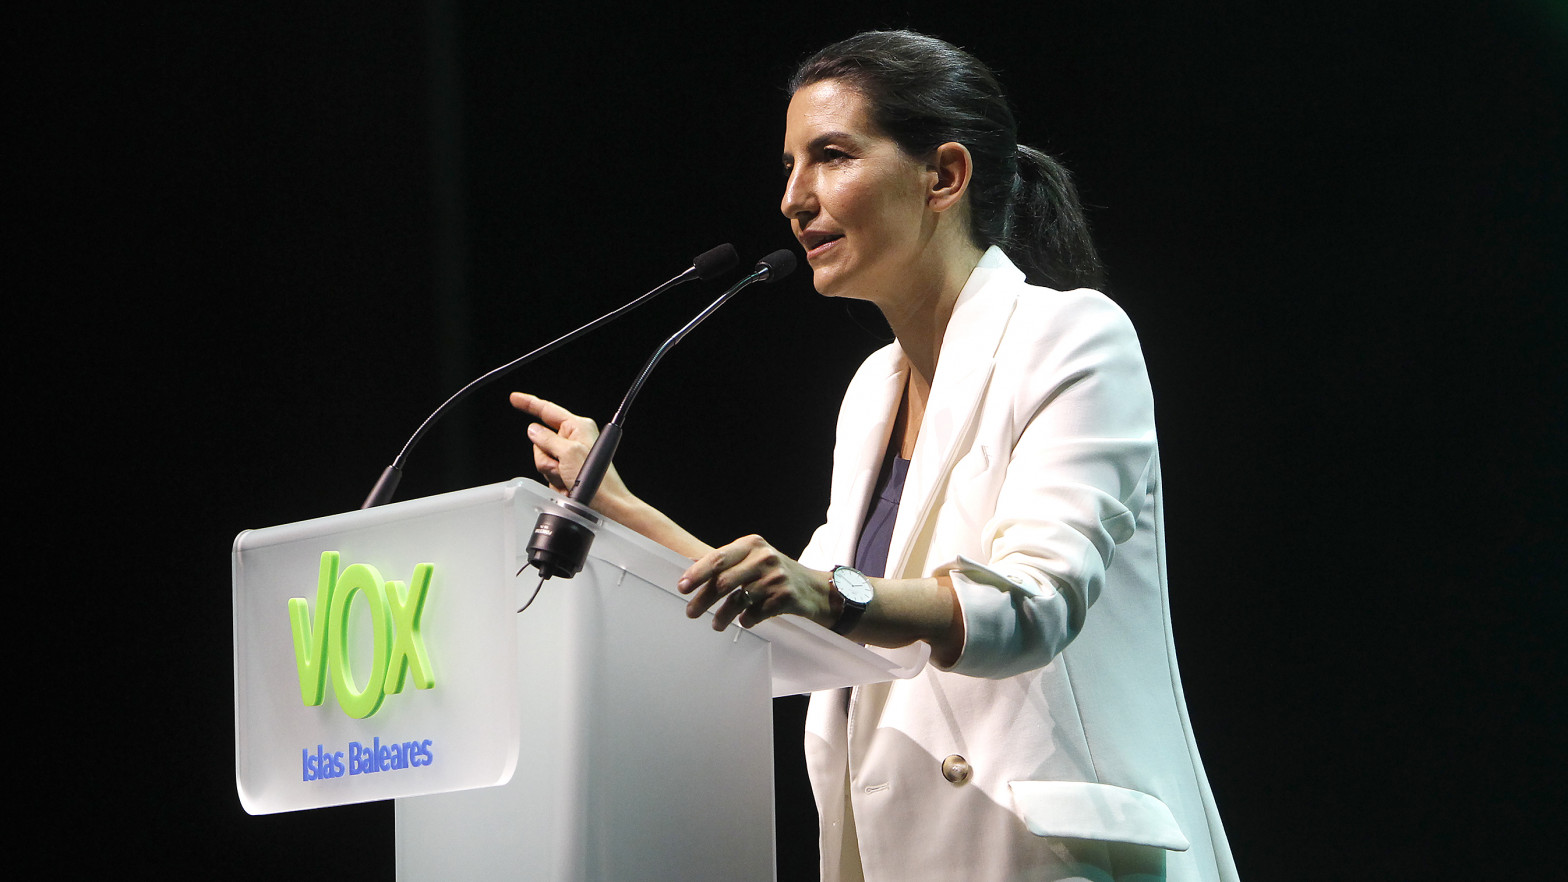 Vox dará sus votos al PP para formar la Mesa en Madrid si reducen el número de diputados